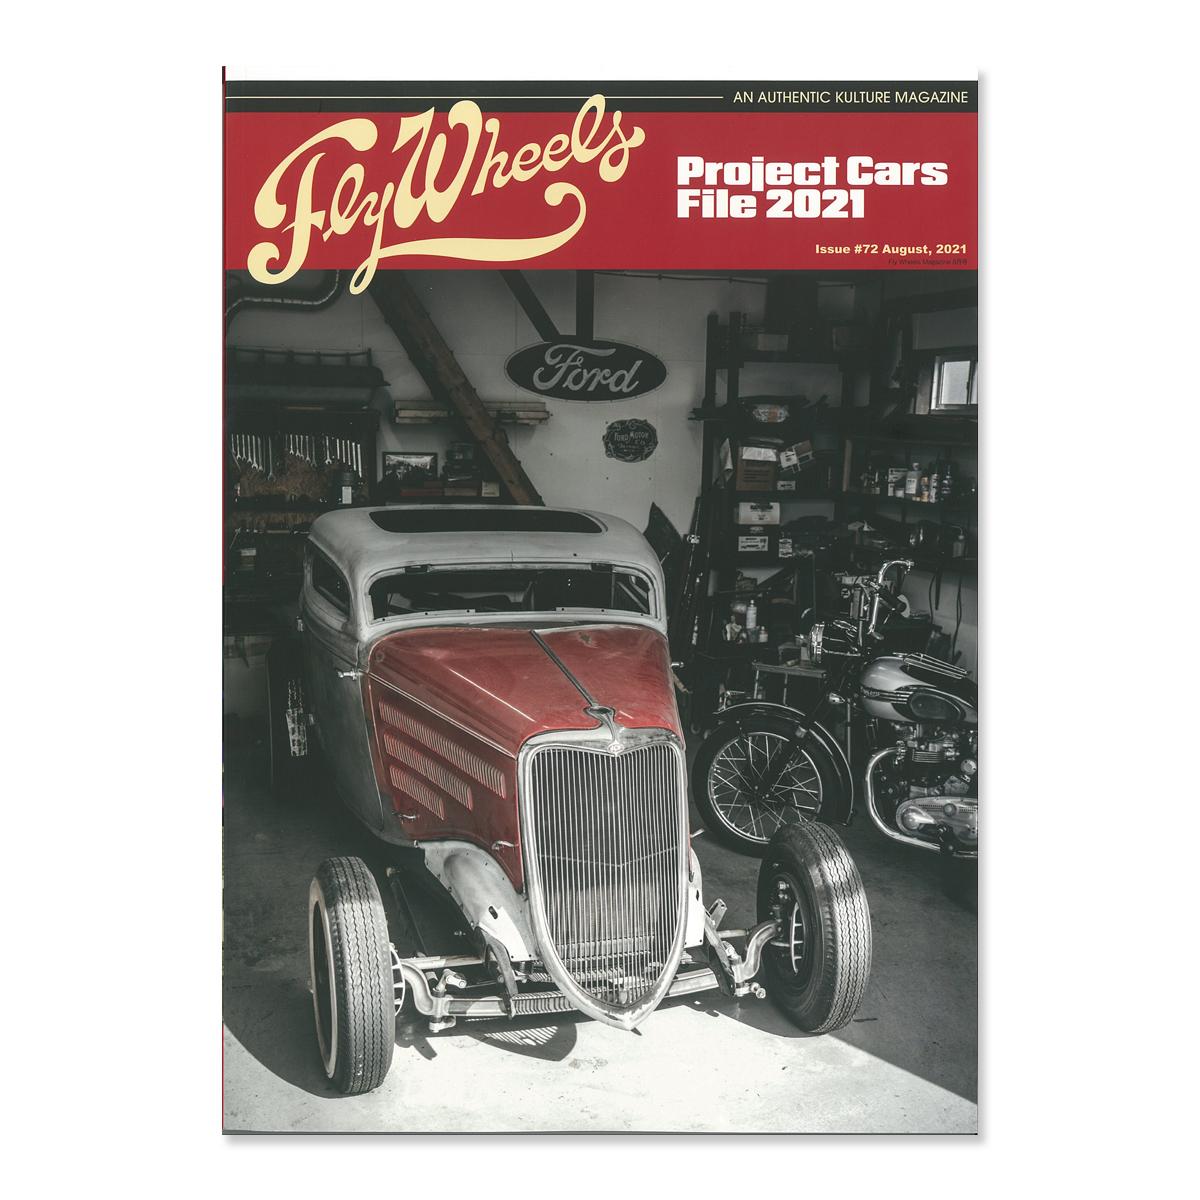 車 雑誌 ムーンアイズ カーマガジン クリアランスsale!期間限定! フライ ホイール フライウィール 8月号 セール 2021年 vol.72 Fly Magazine Wheels